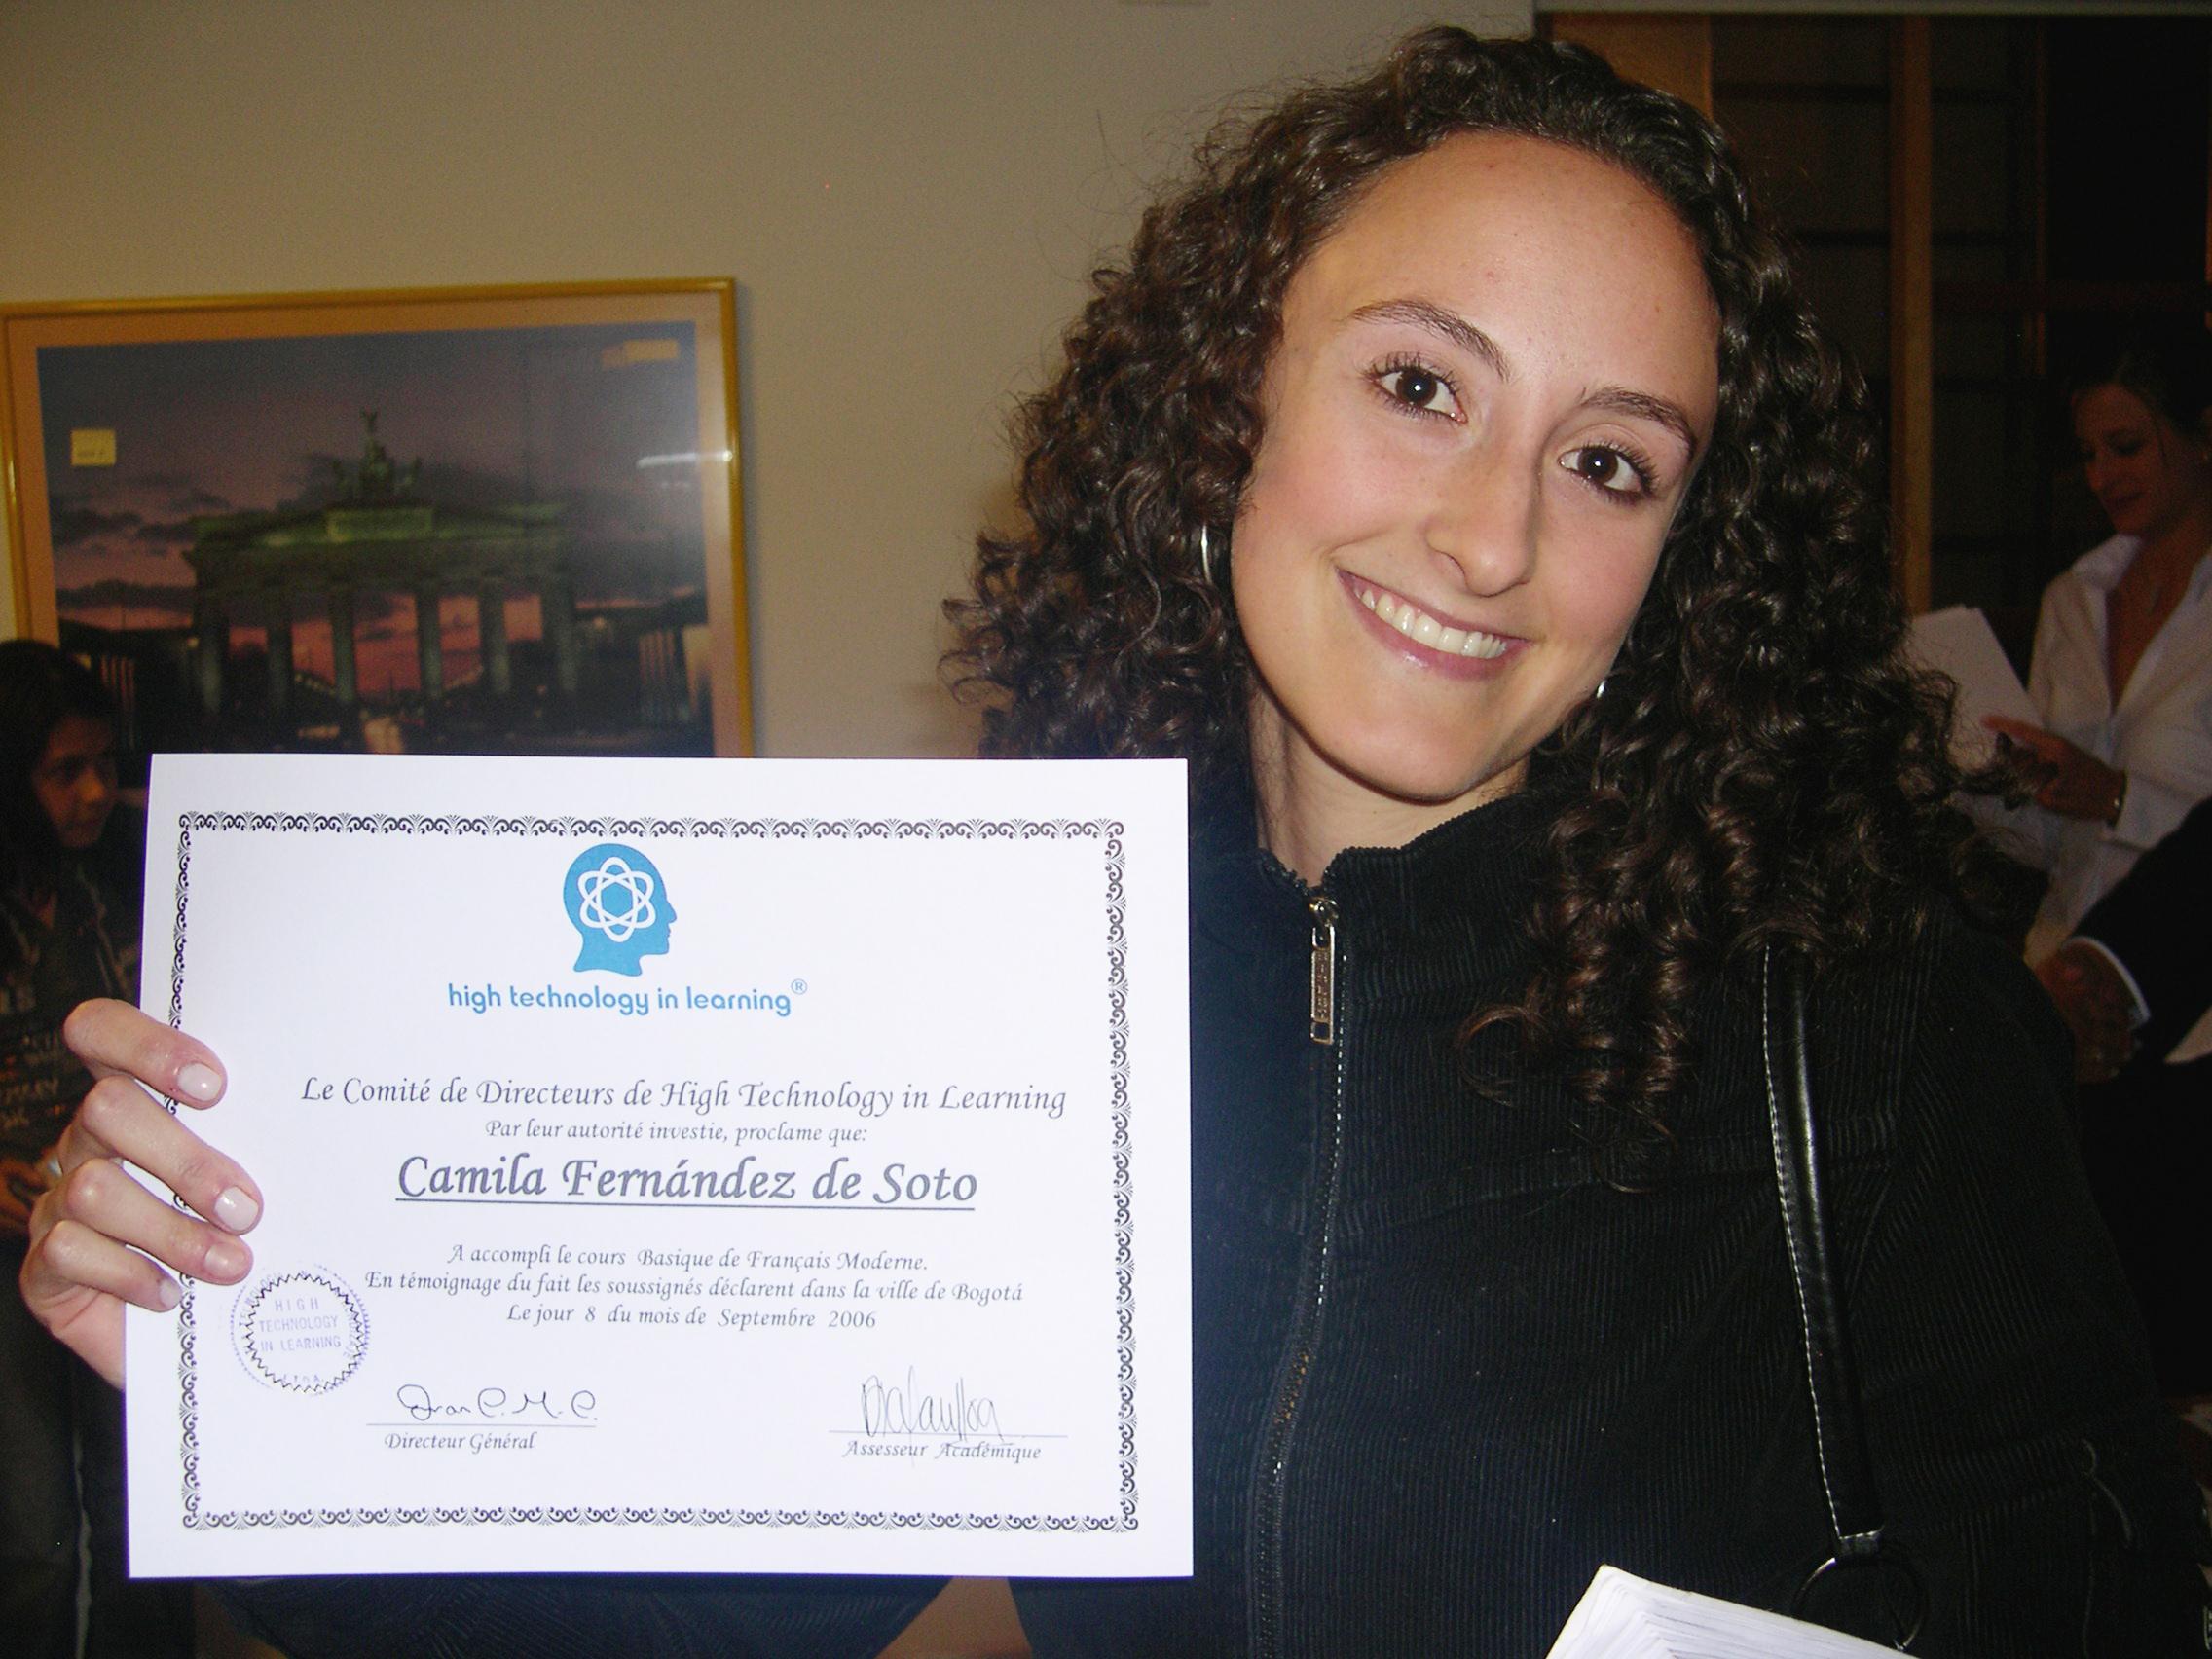 Actividad Certificados en Htl Cursos de idiomas